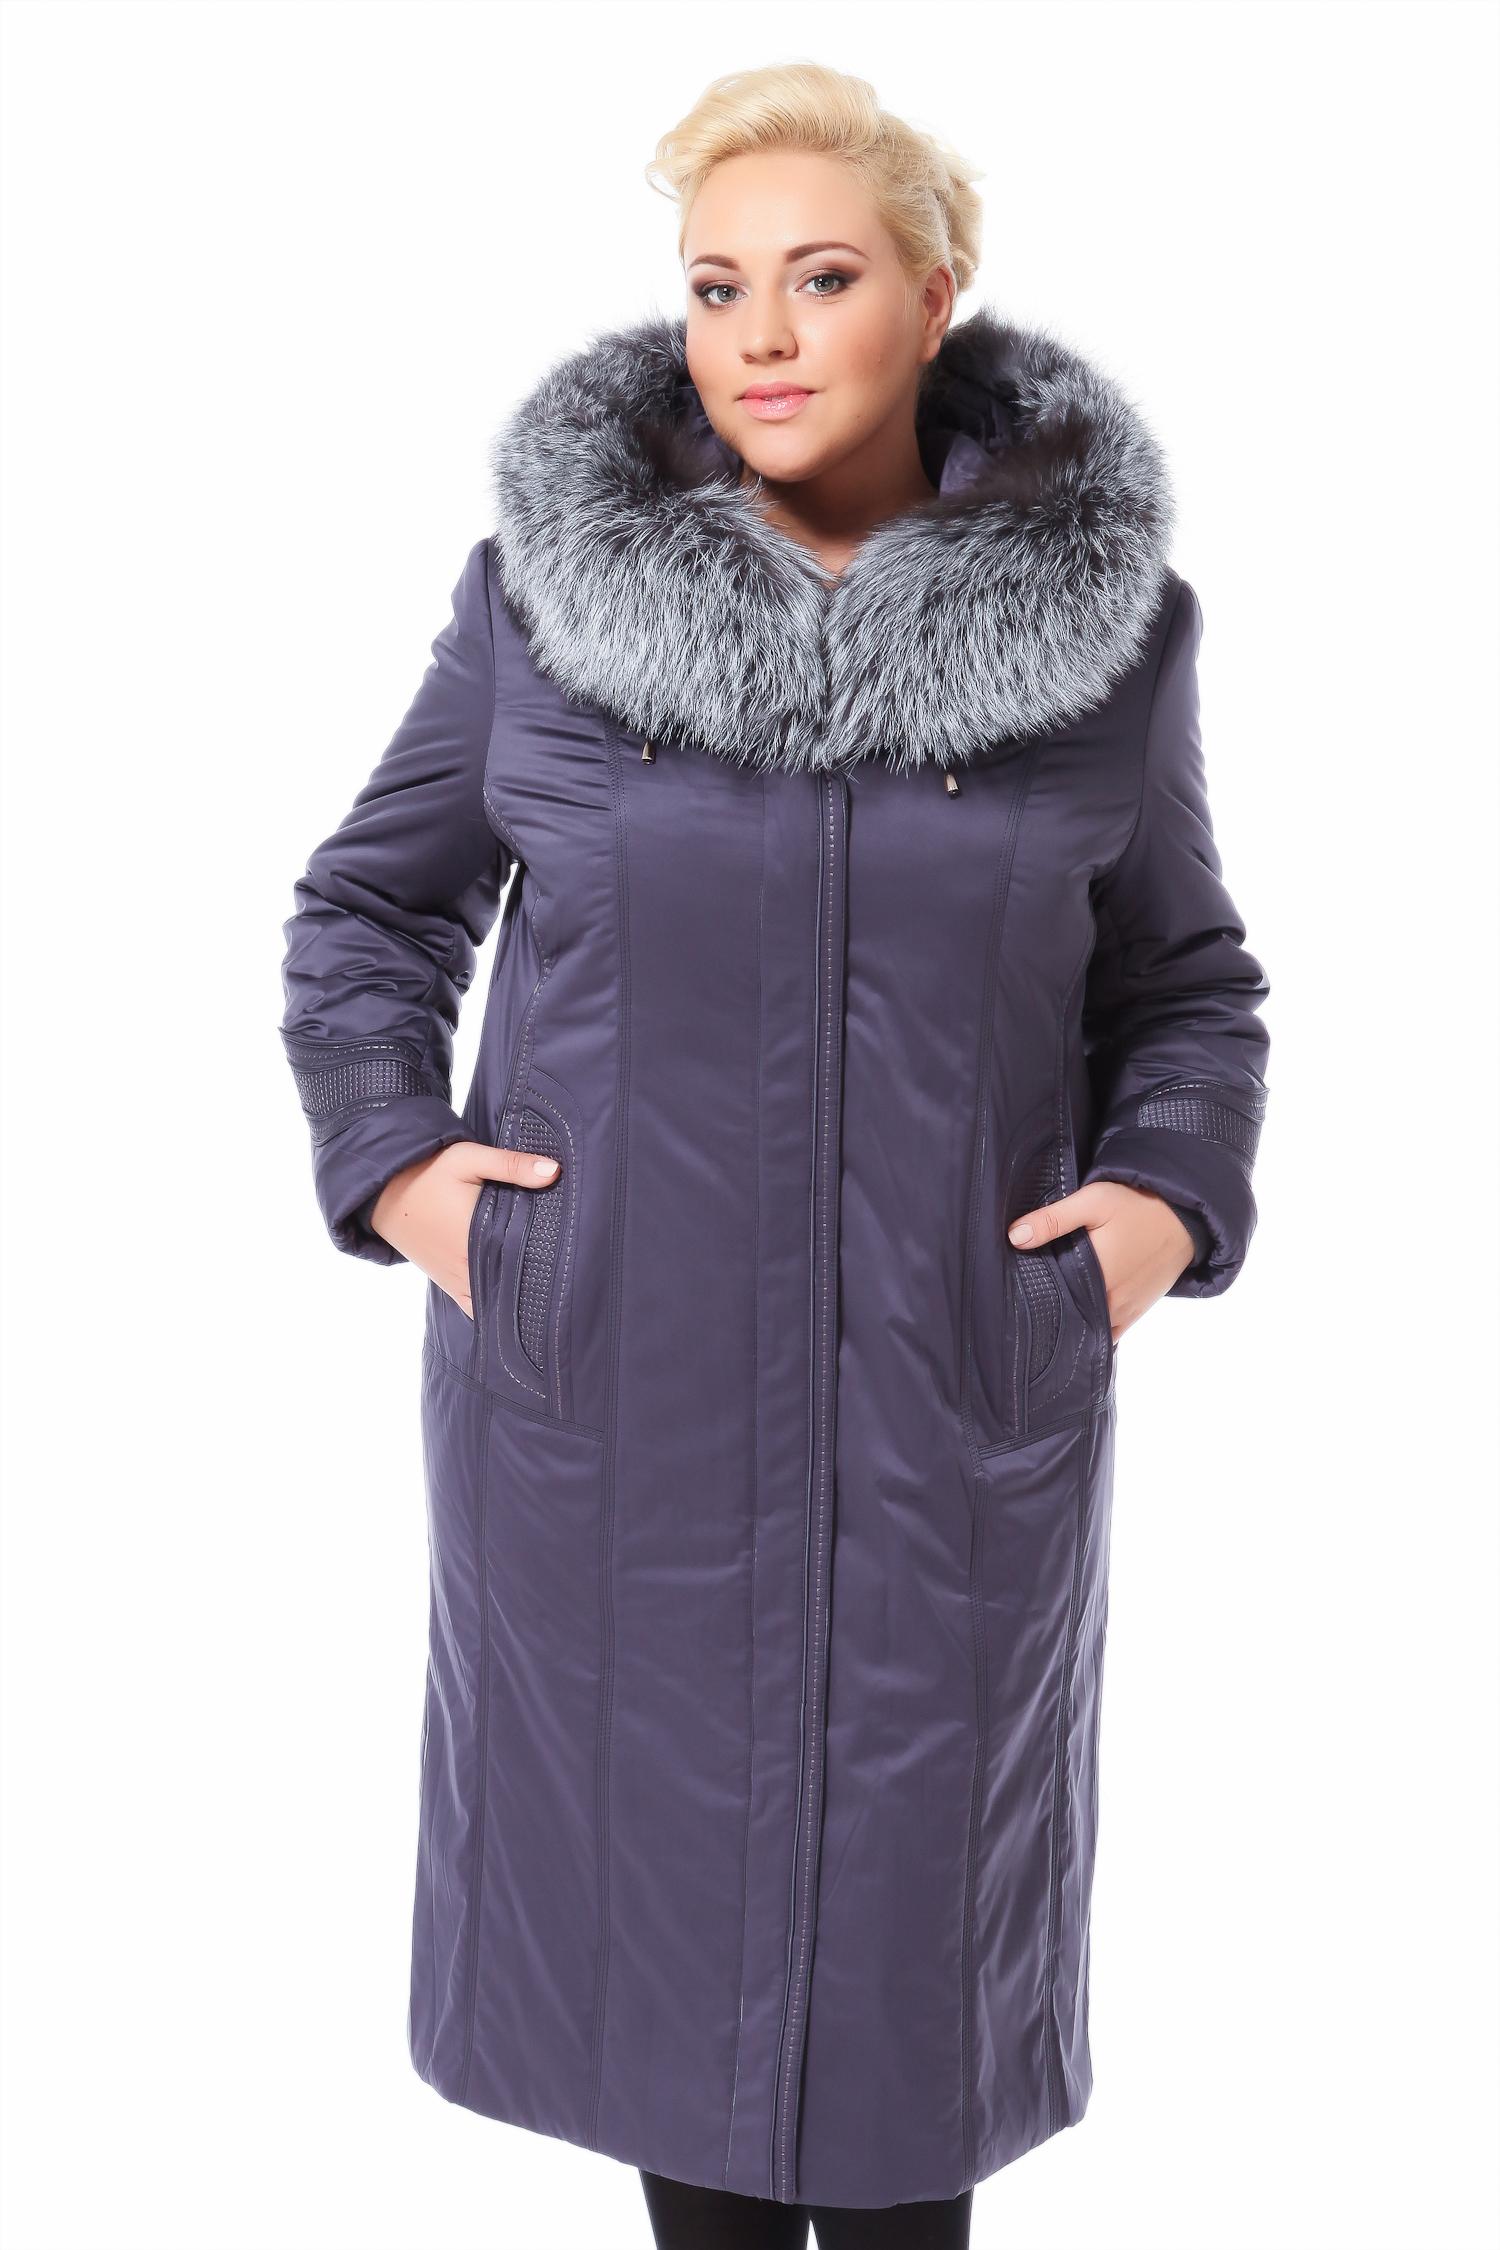 Пальто на меху с капюшоном, отделка чернобуркаЦвет  аметист.<br><br>Пальто-пихора сшито из полиэстера. Отделка выполнена из меха черно-бурой лисы. В качестве утеплителя использован синтепон, а также подстежка из меха кролика.<br><br>Плотный полиэстер богатого насыщенного цвета, прямой, лаконичный силуэт, минимум деталей, выигрышно подчеркнут безупречный вкус обладательницы данной модели. Плотная ткань отталкивает влагу и защищает от ветра. Благодаря подкладке из меха кролика и комфортной длине вещь невероятно теплая и легкая. Очень удобно, что без меховой подстежки верхняя часть изделия также является самодостаточной. Эта комфортная модель подходит для разных типов фигур. Главным украшением данной модели пихоры является роскошный капюшон декорированный чернобуркой. В любую погоду обладательницы этого пальто будут чувствовать себя комфортно, женственно и мобильно.<br><br>Воротник: капюшон<br>Длина см: Длинная (свыше 90)<br>Материал: Текстиль<br>Цвет: фиолетовый<br>Вид застежки: центральная<br>Застежка: на молнии<br>Пол: Женский<br>Размер RU: 48